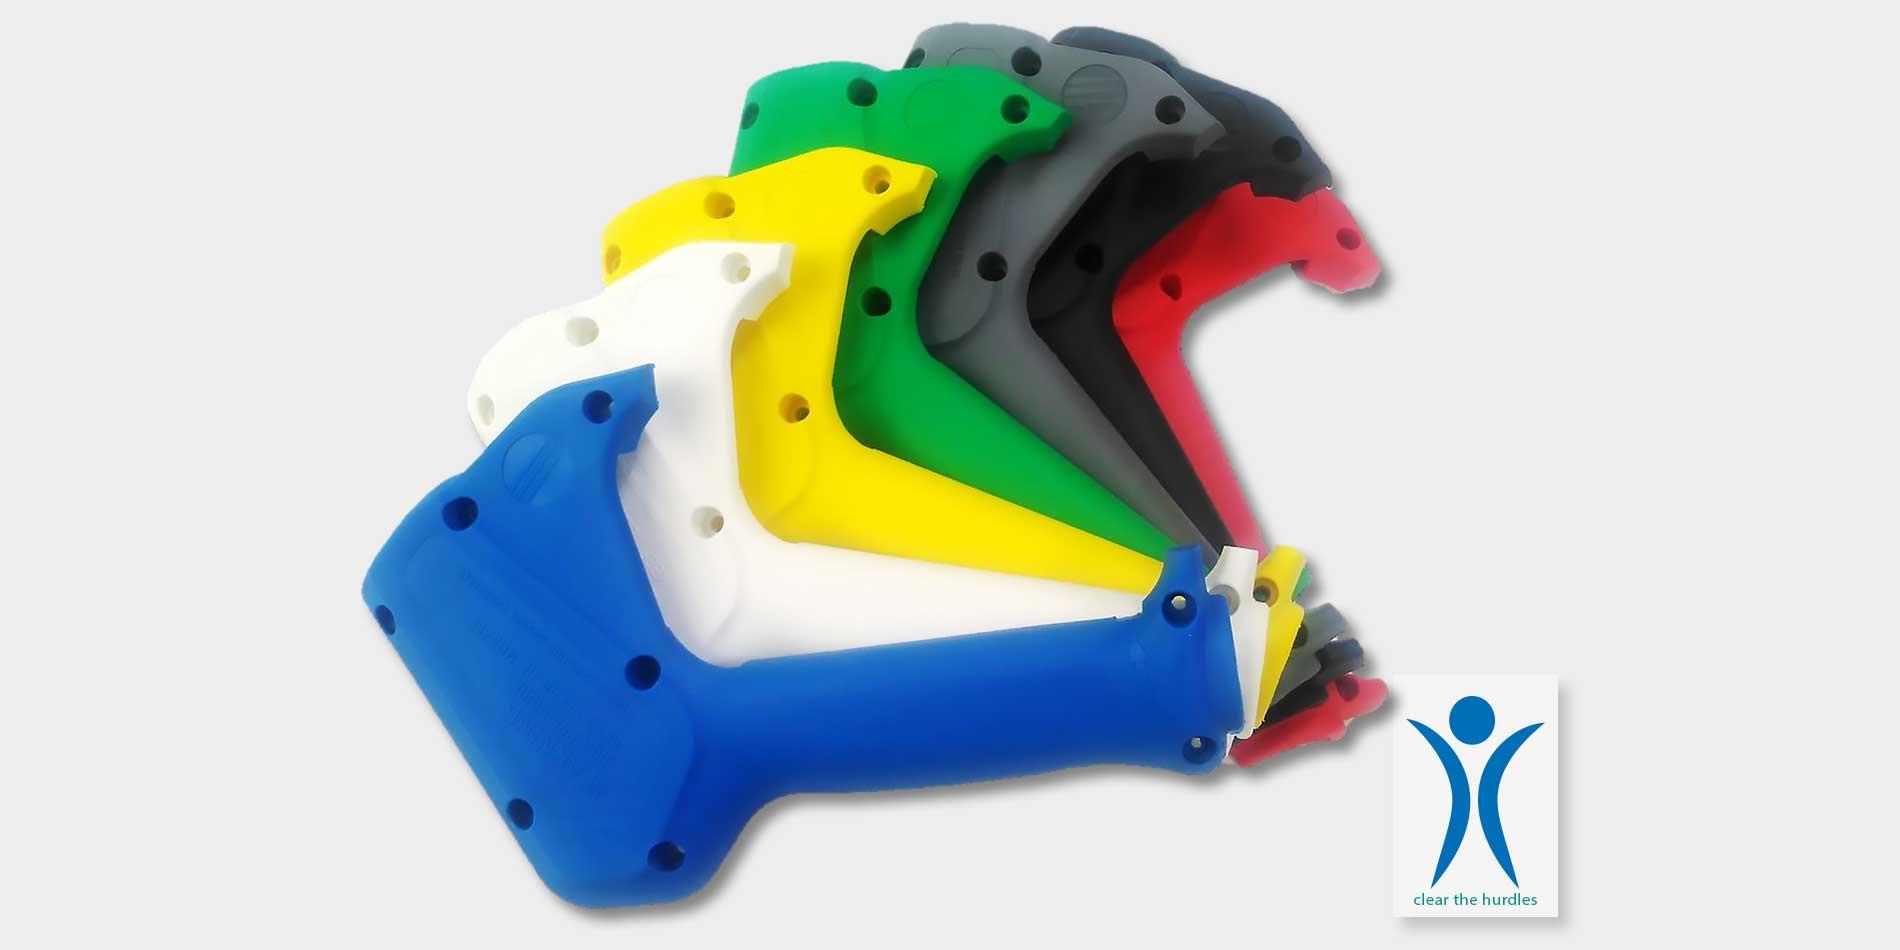 Von R+M / Suttner, das HACCP – Farbkennzeichnungskonzept